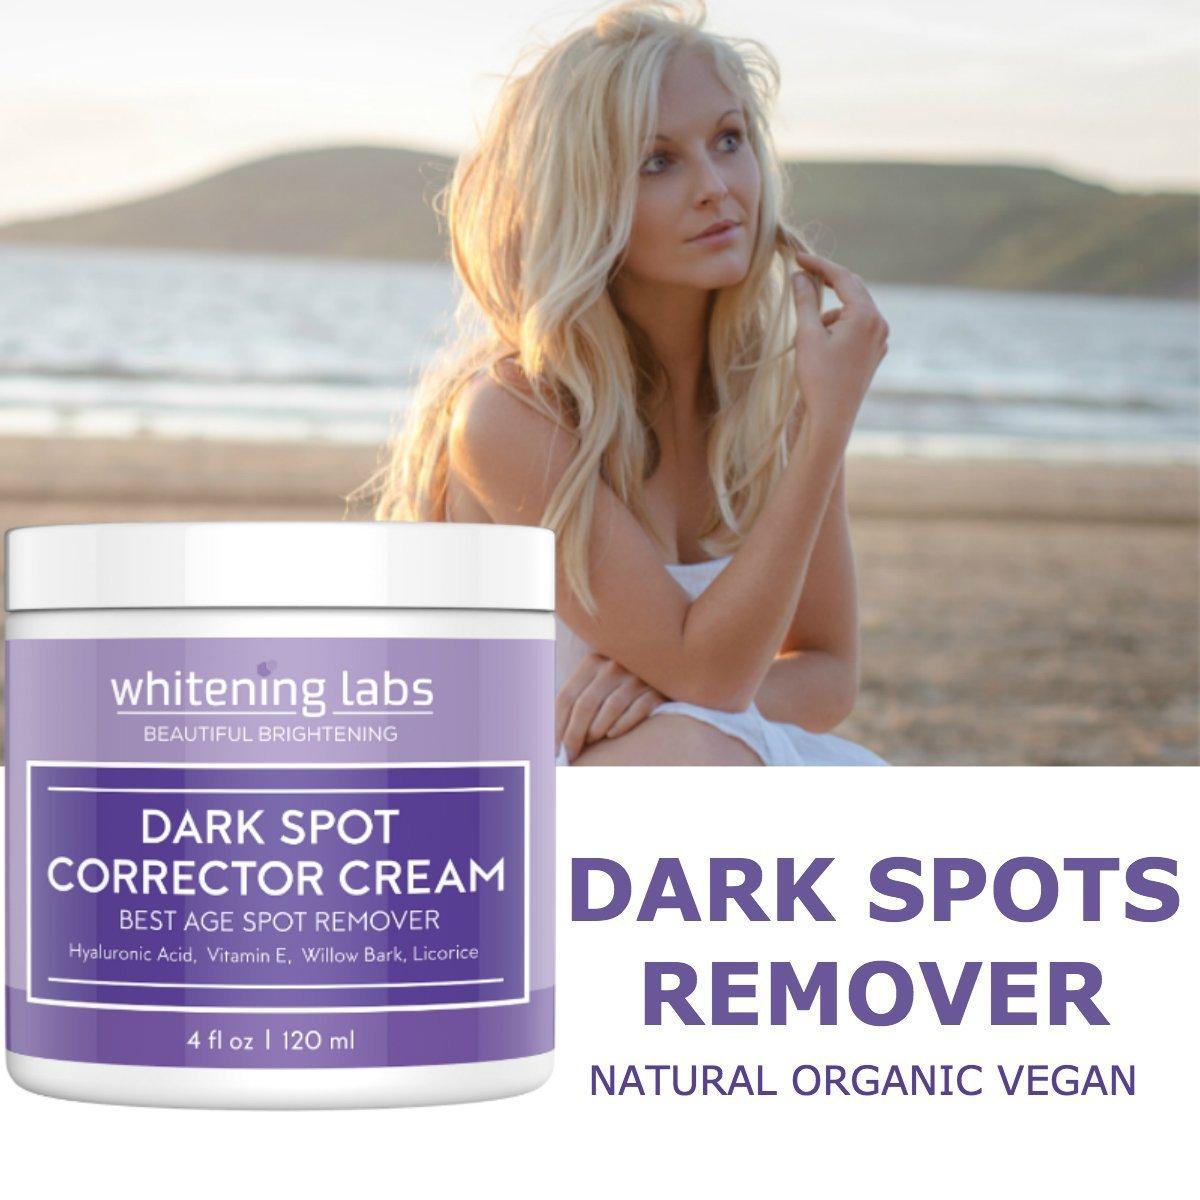 Amazon.com: Crema Para Las Pecas Y Manchas De La Cara Y Manos - Crema Para Quitar Las Pecas Causadas Por El Sol: Beauty